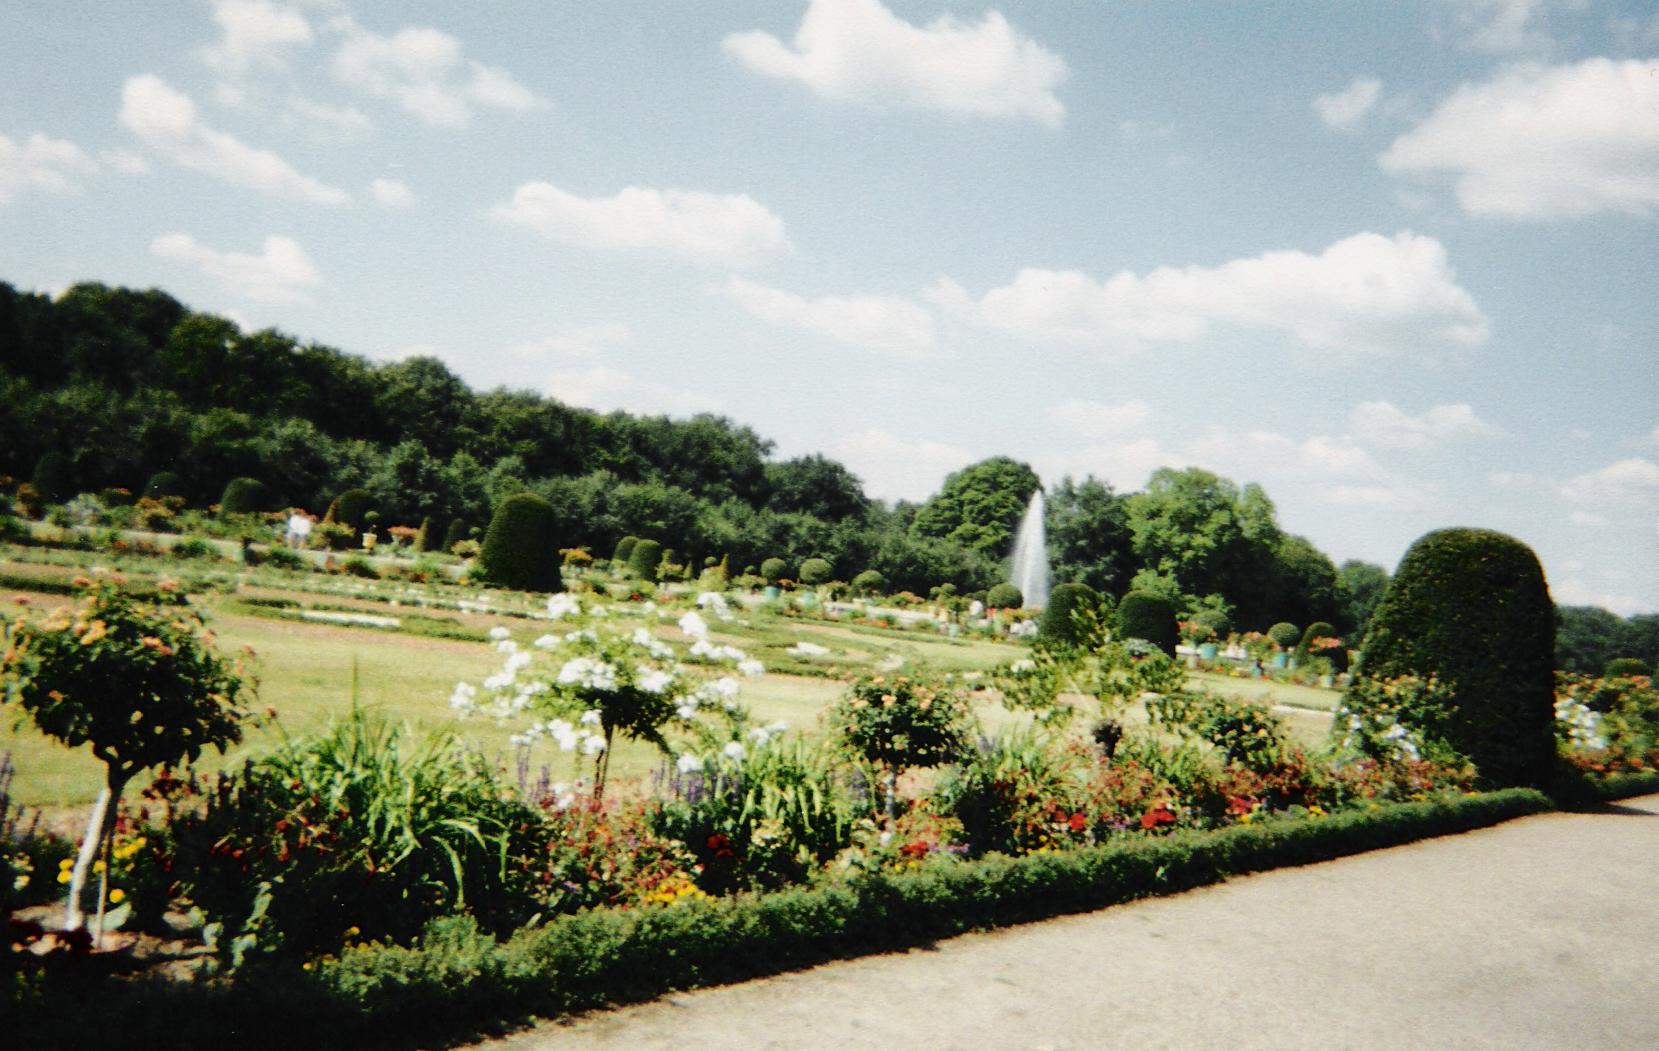 Garten Rostock botanischer garten universität rostock mapio